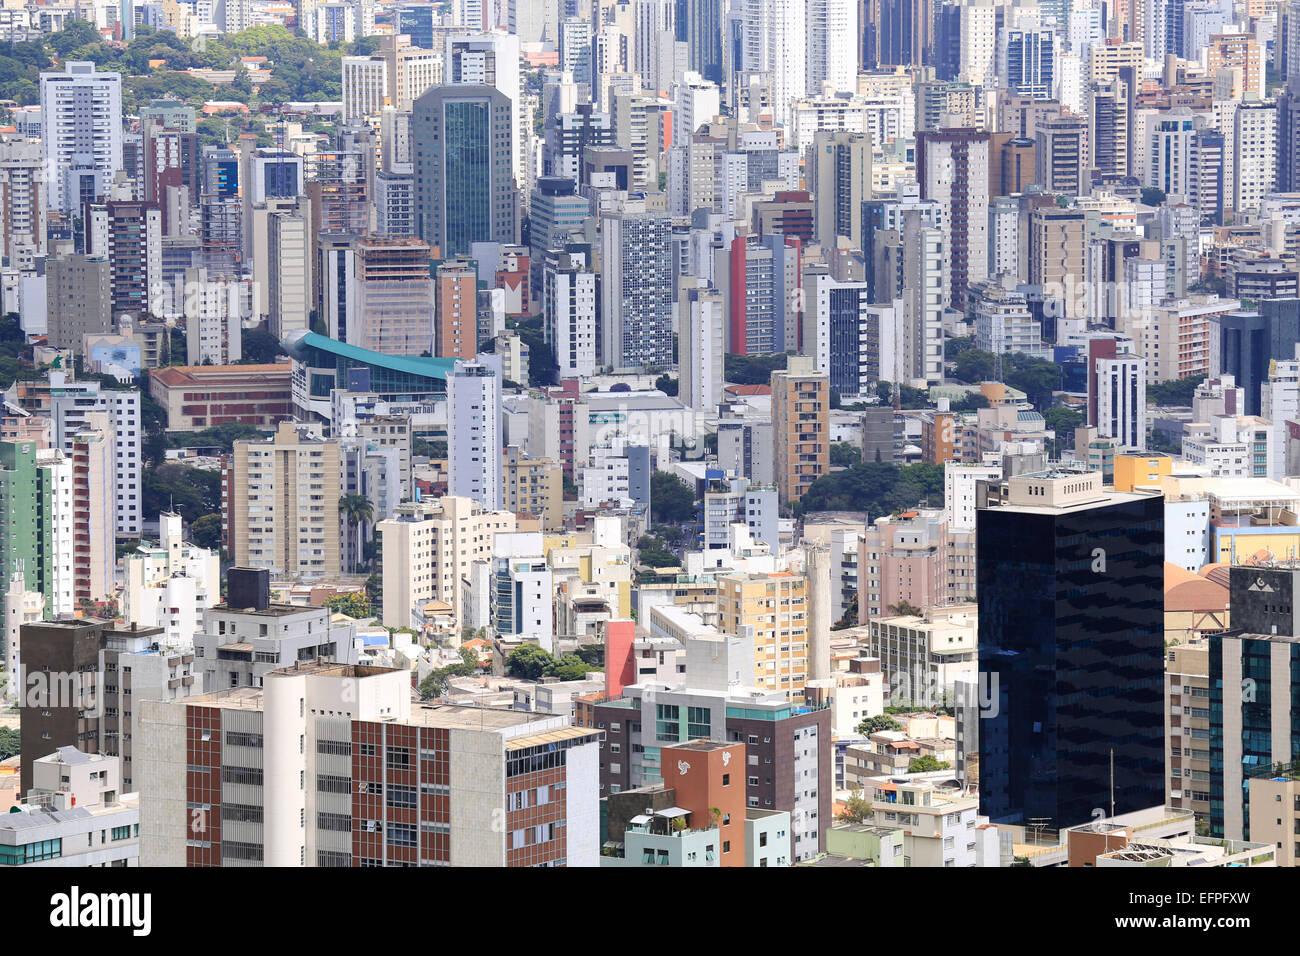 Wohnung Blöcke in der Innenstadt, Belo Horizonte, Minas Gerais, Brasilien, Südamerika Stockbild